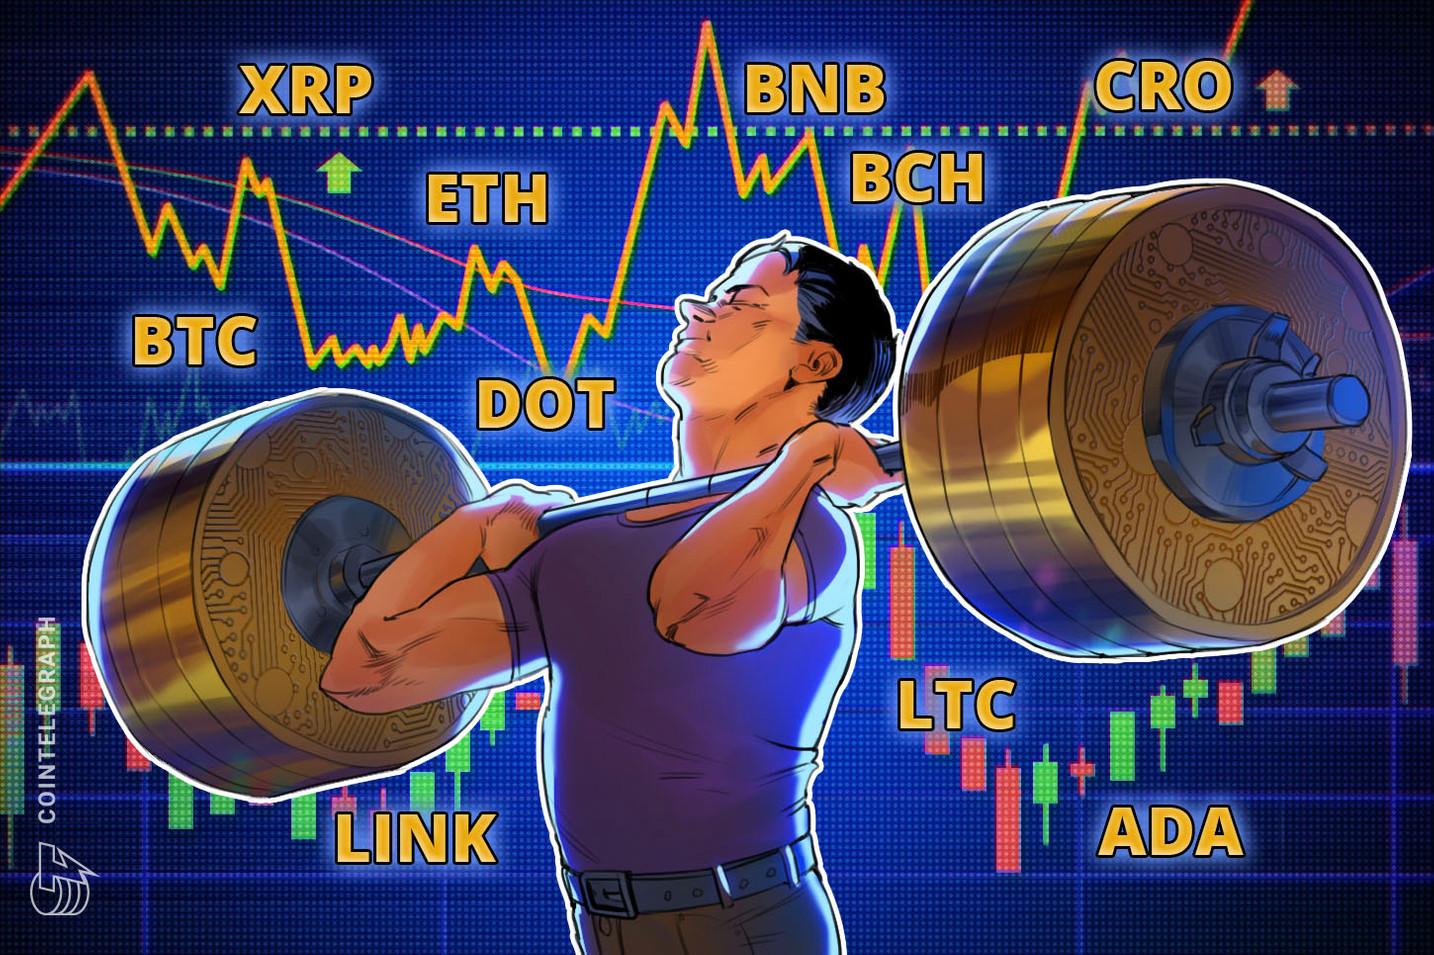 Análise de preço 12/10: BTC, ETH, XRP, BCH, BNB, LINK, DOT, ADA, LTC, CRO